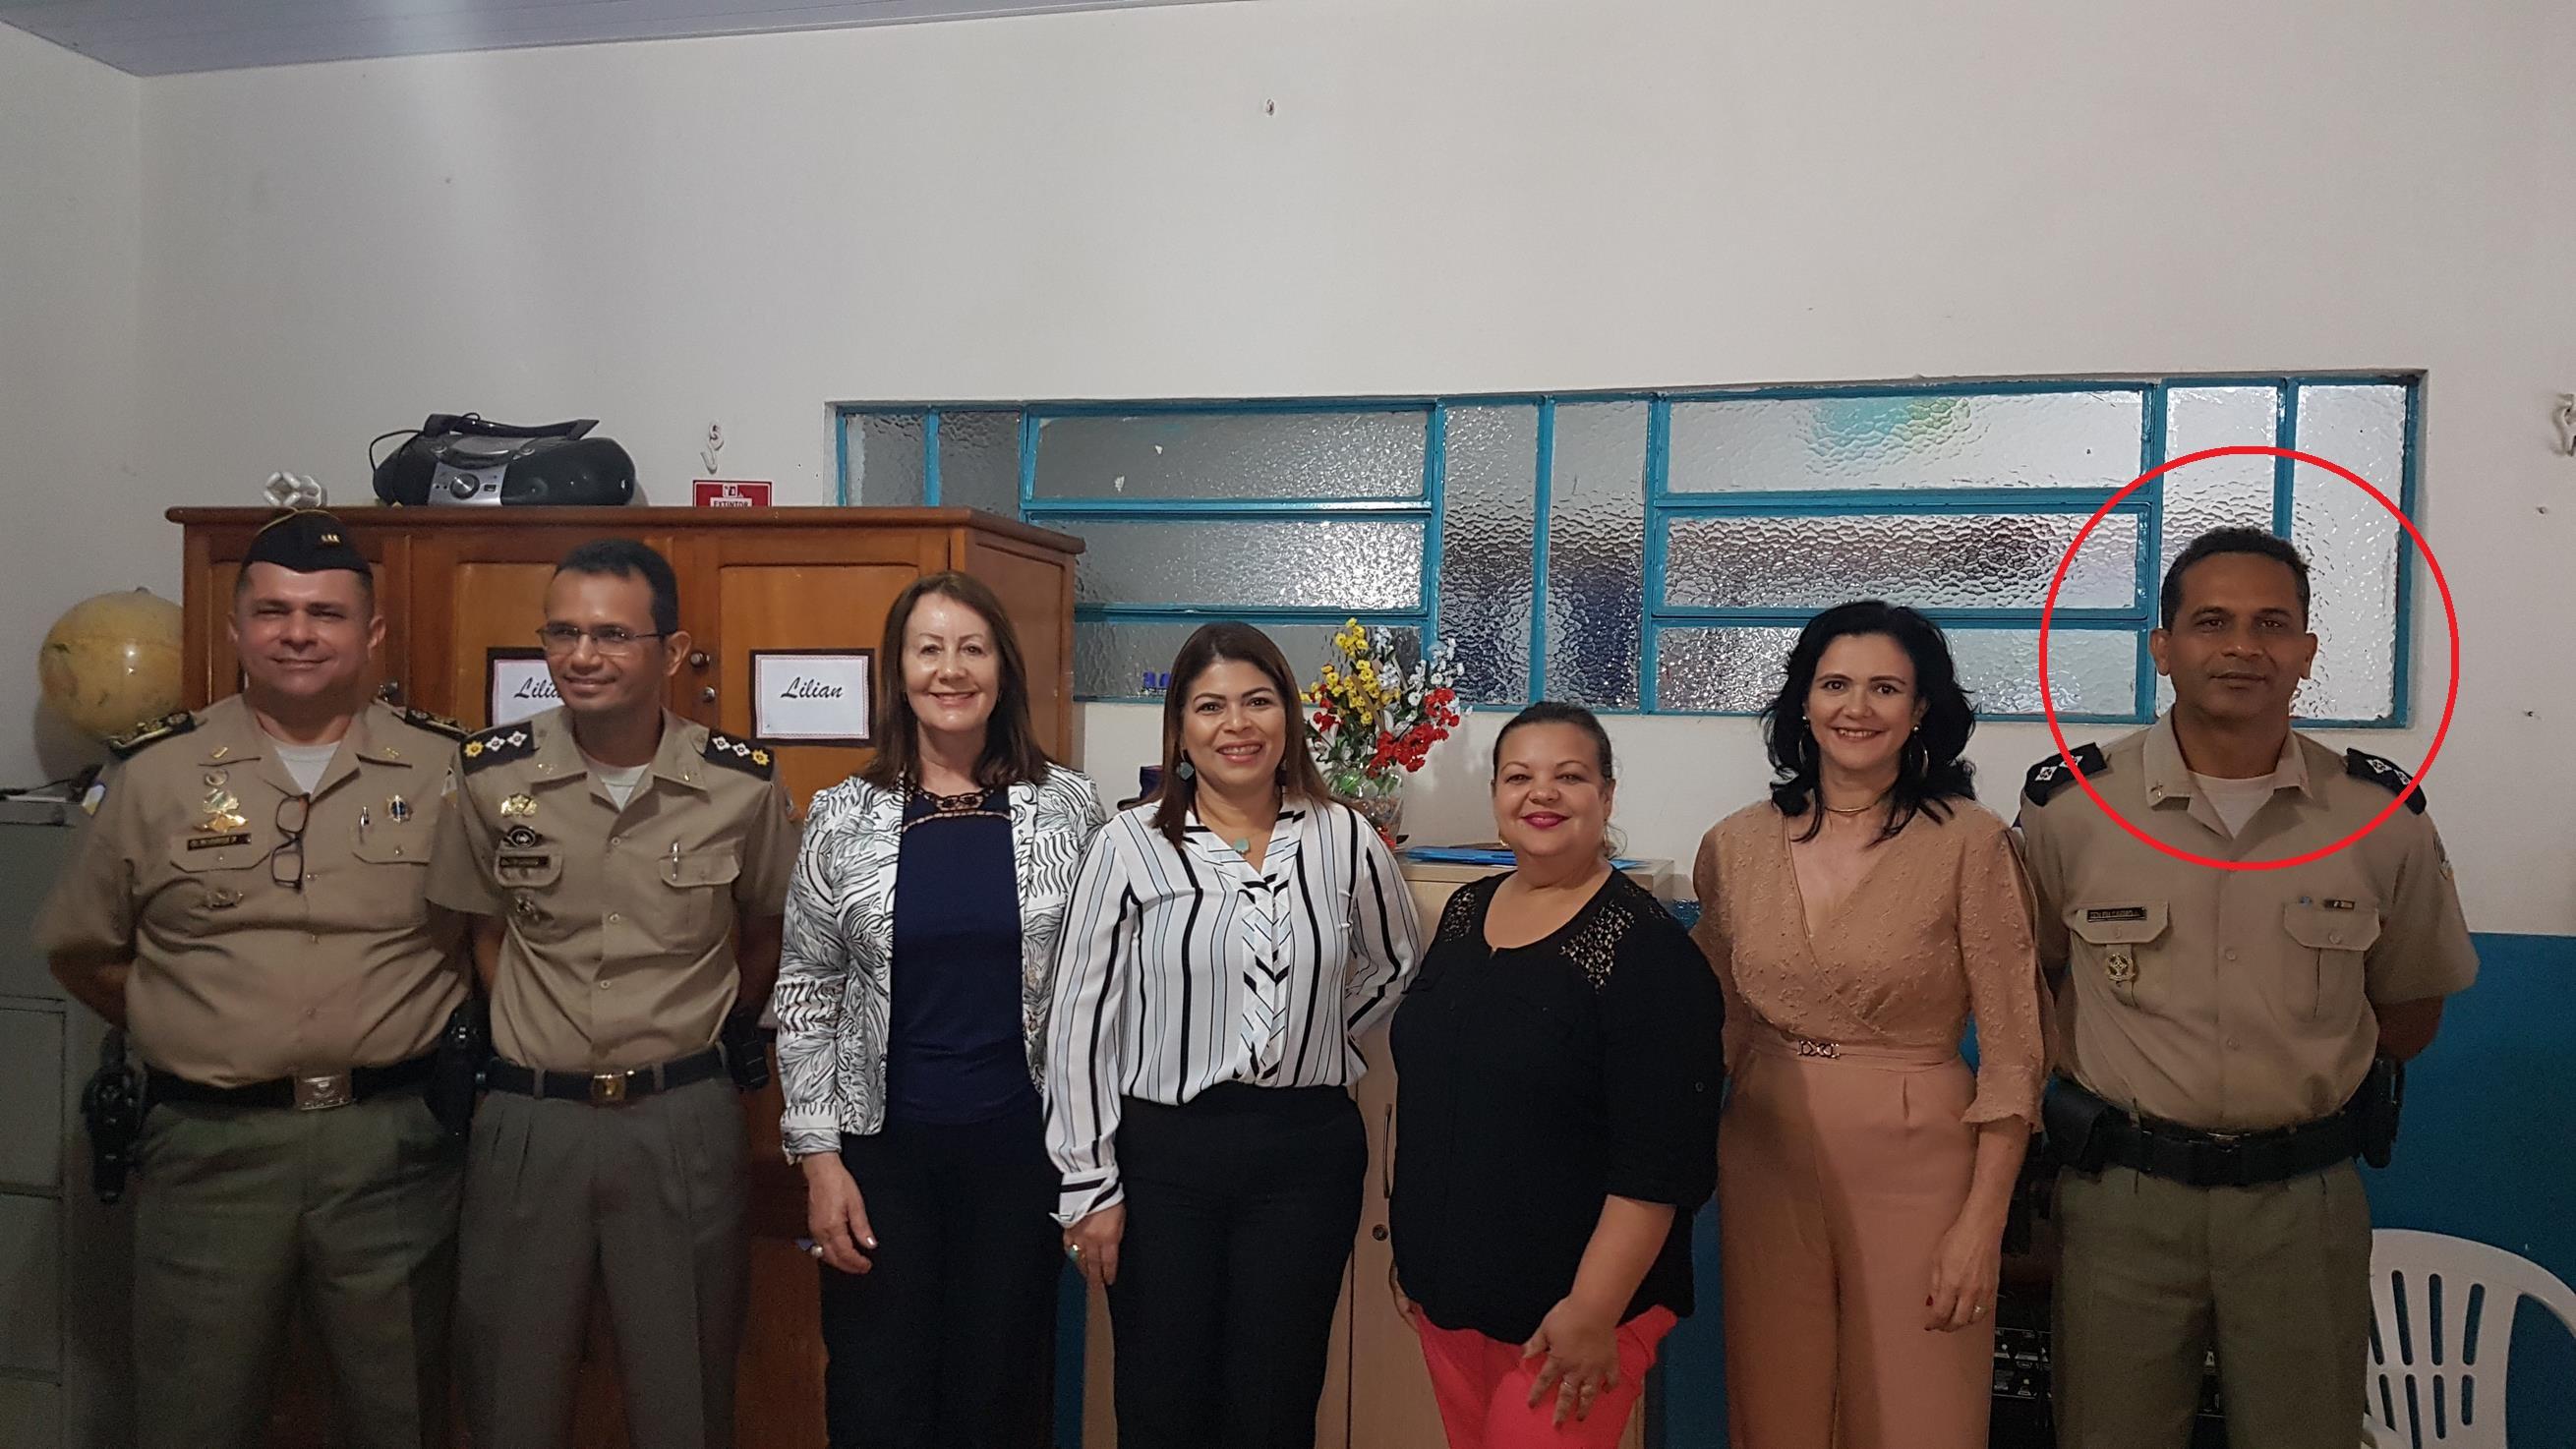 PM/TO e SEDUC anunciam diretor do Colégio Militar durante agenda de atividades em Guaraí